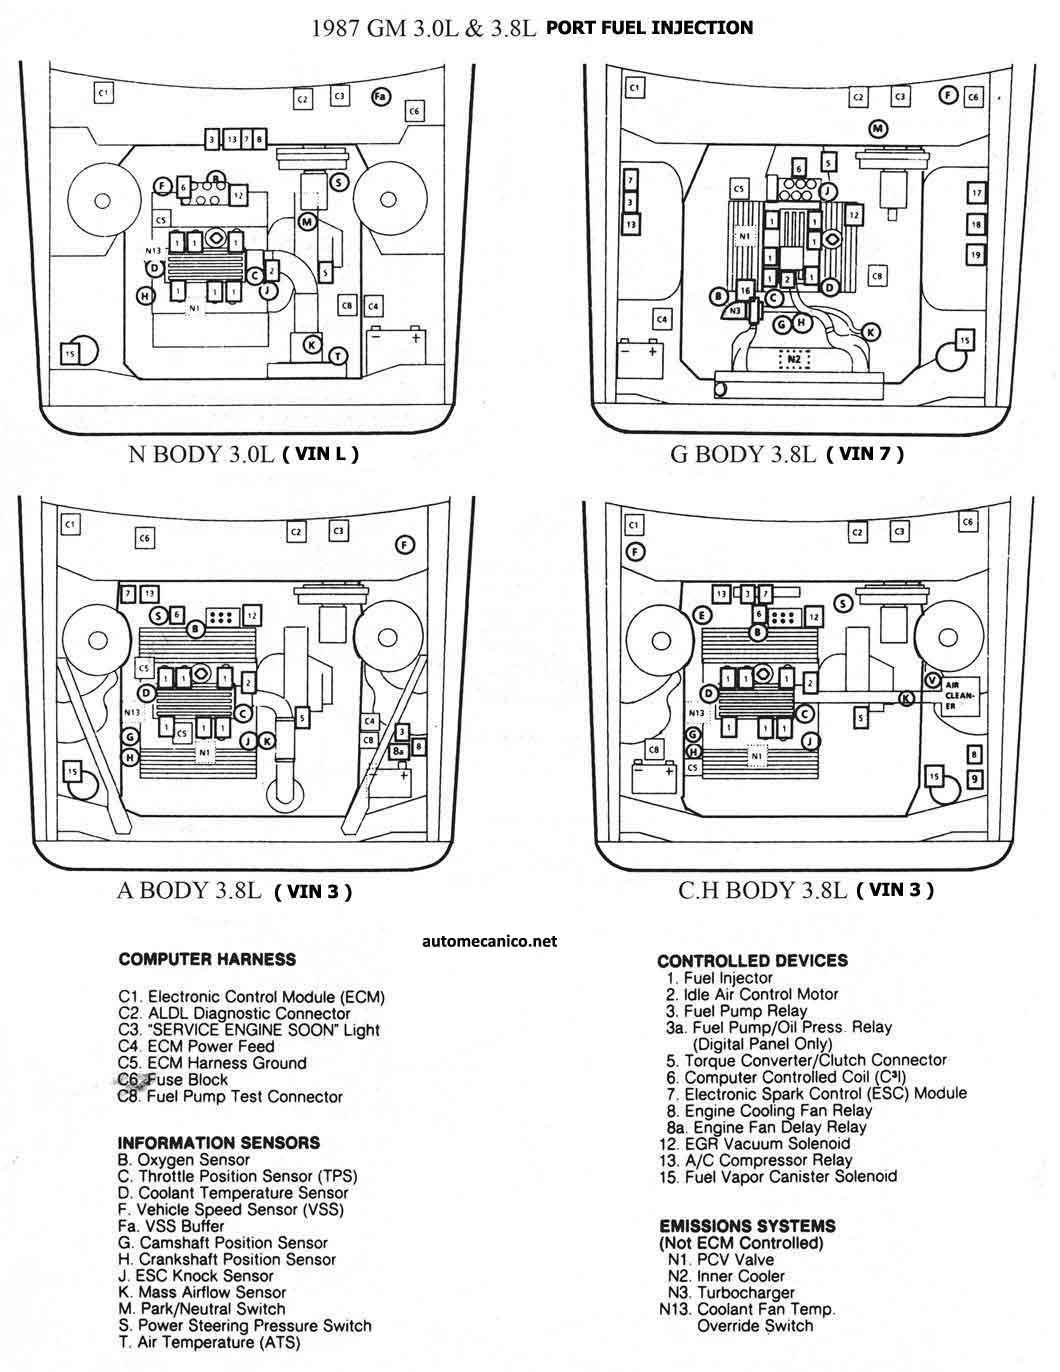 Daewoo Prince Wiring Diagram Schematics Diagrams 20 Diagrama Elctrico Chevy Tbi 14 Foromecanicos Foro De Con Sensores Motores Royale Electronic Circuit